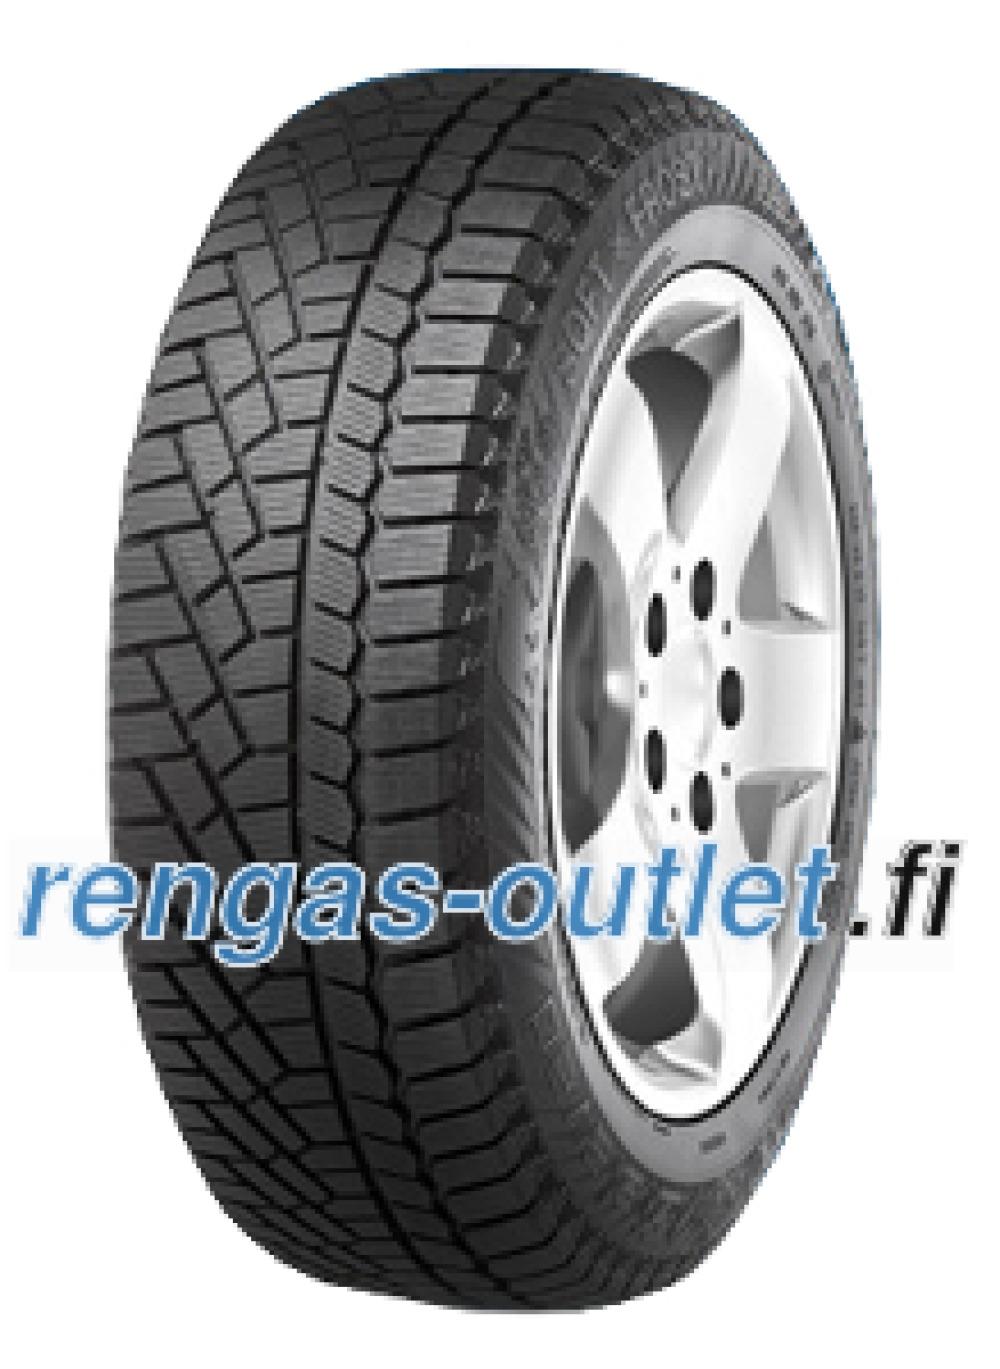 Gislaved Soft*Frost 200 ( 255/50 R19 107T XL , Pohjoismainen kitkarengas, SUV, vannealueen ripalla  )